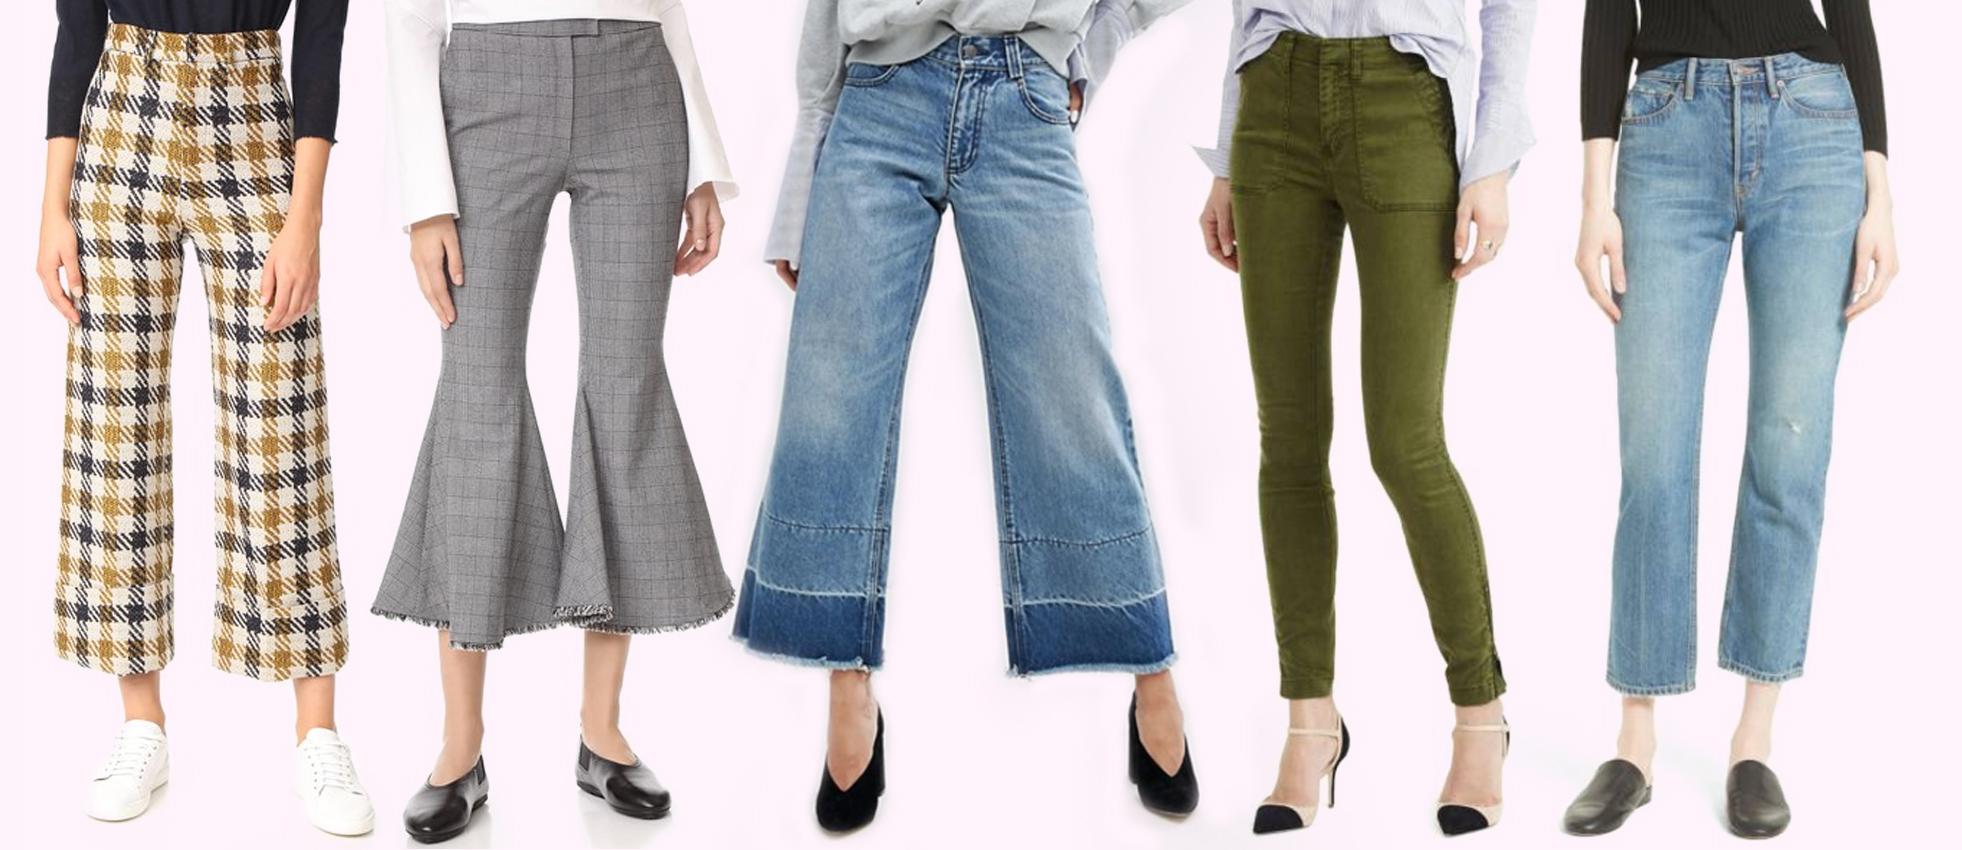 Fall forward pants